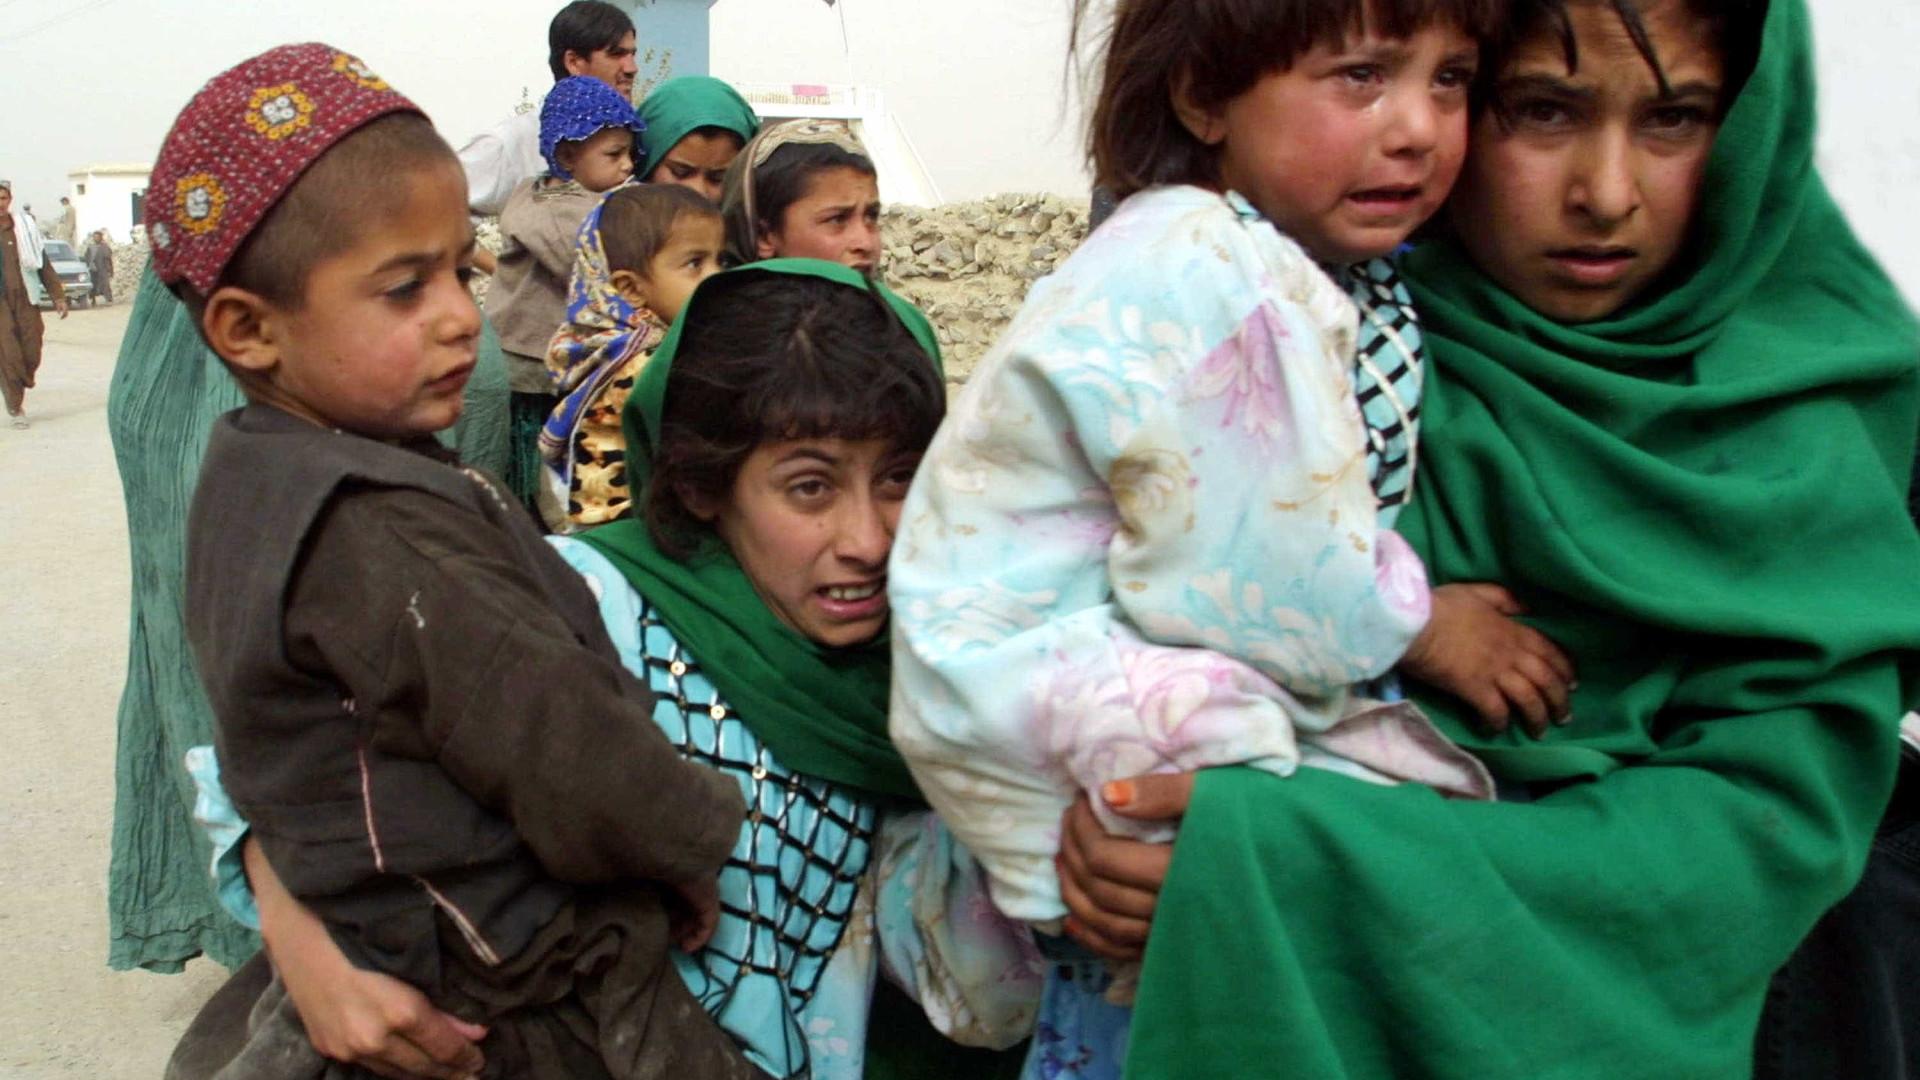 Número de crianças vítimas do conflito no Afeganistão aumenta